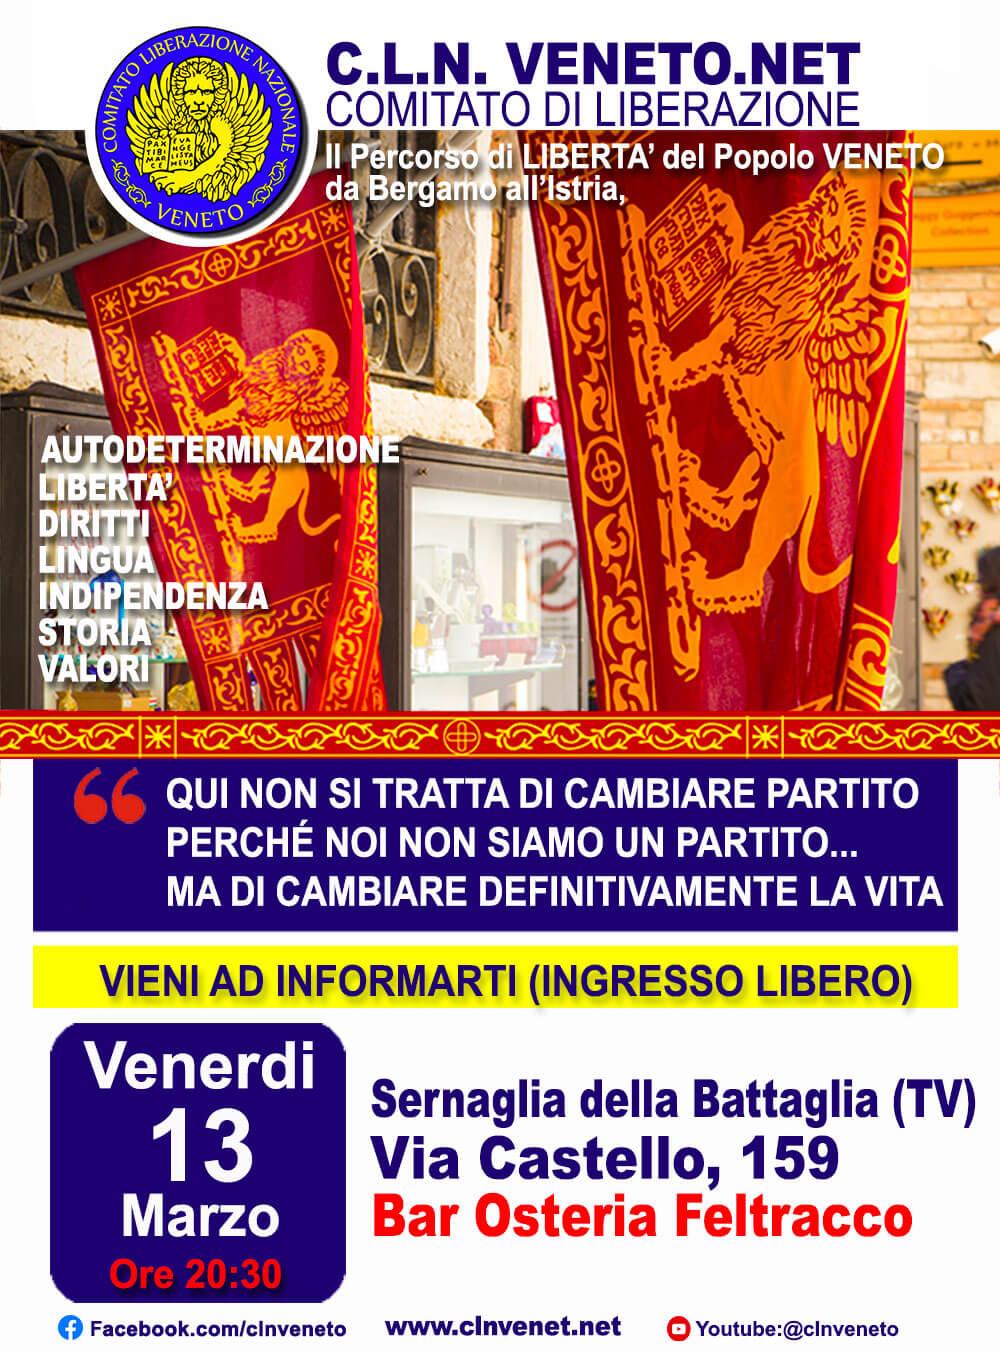 SERNAGLIA DELLA BATTAGLIA (TV) @ Osteria Feltracco (alla Telliera) - Via Castello ,159 - Sernaglia della Battaglia (TV)